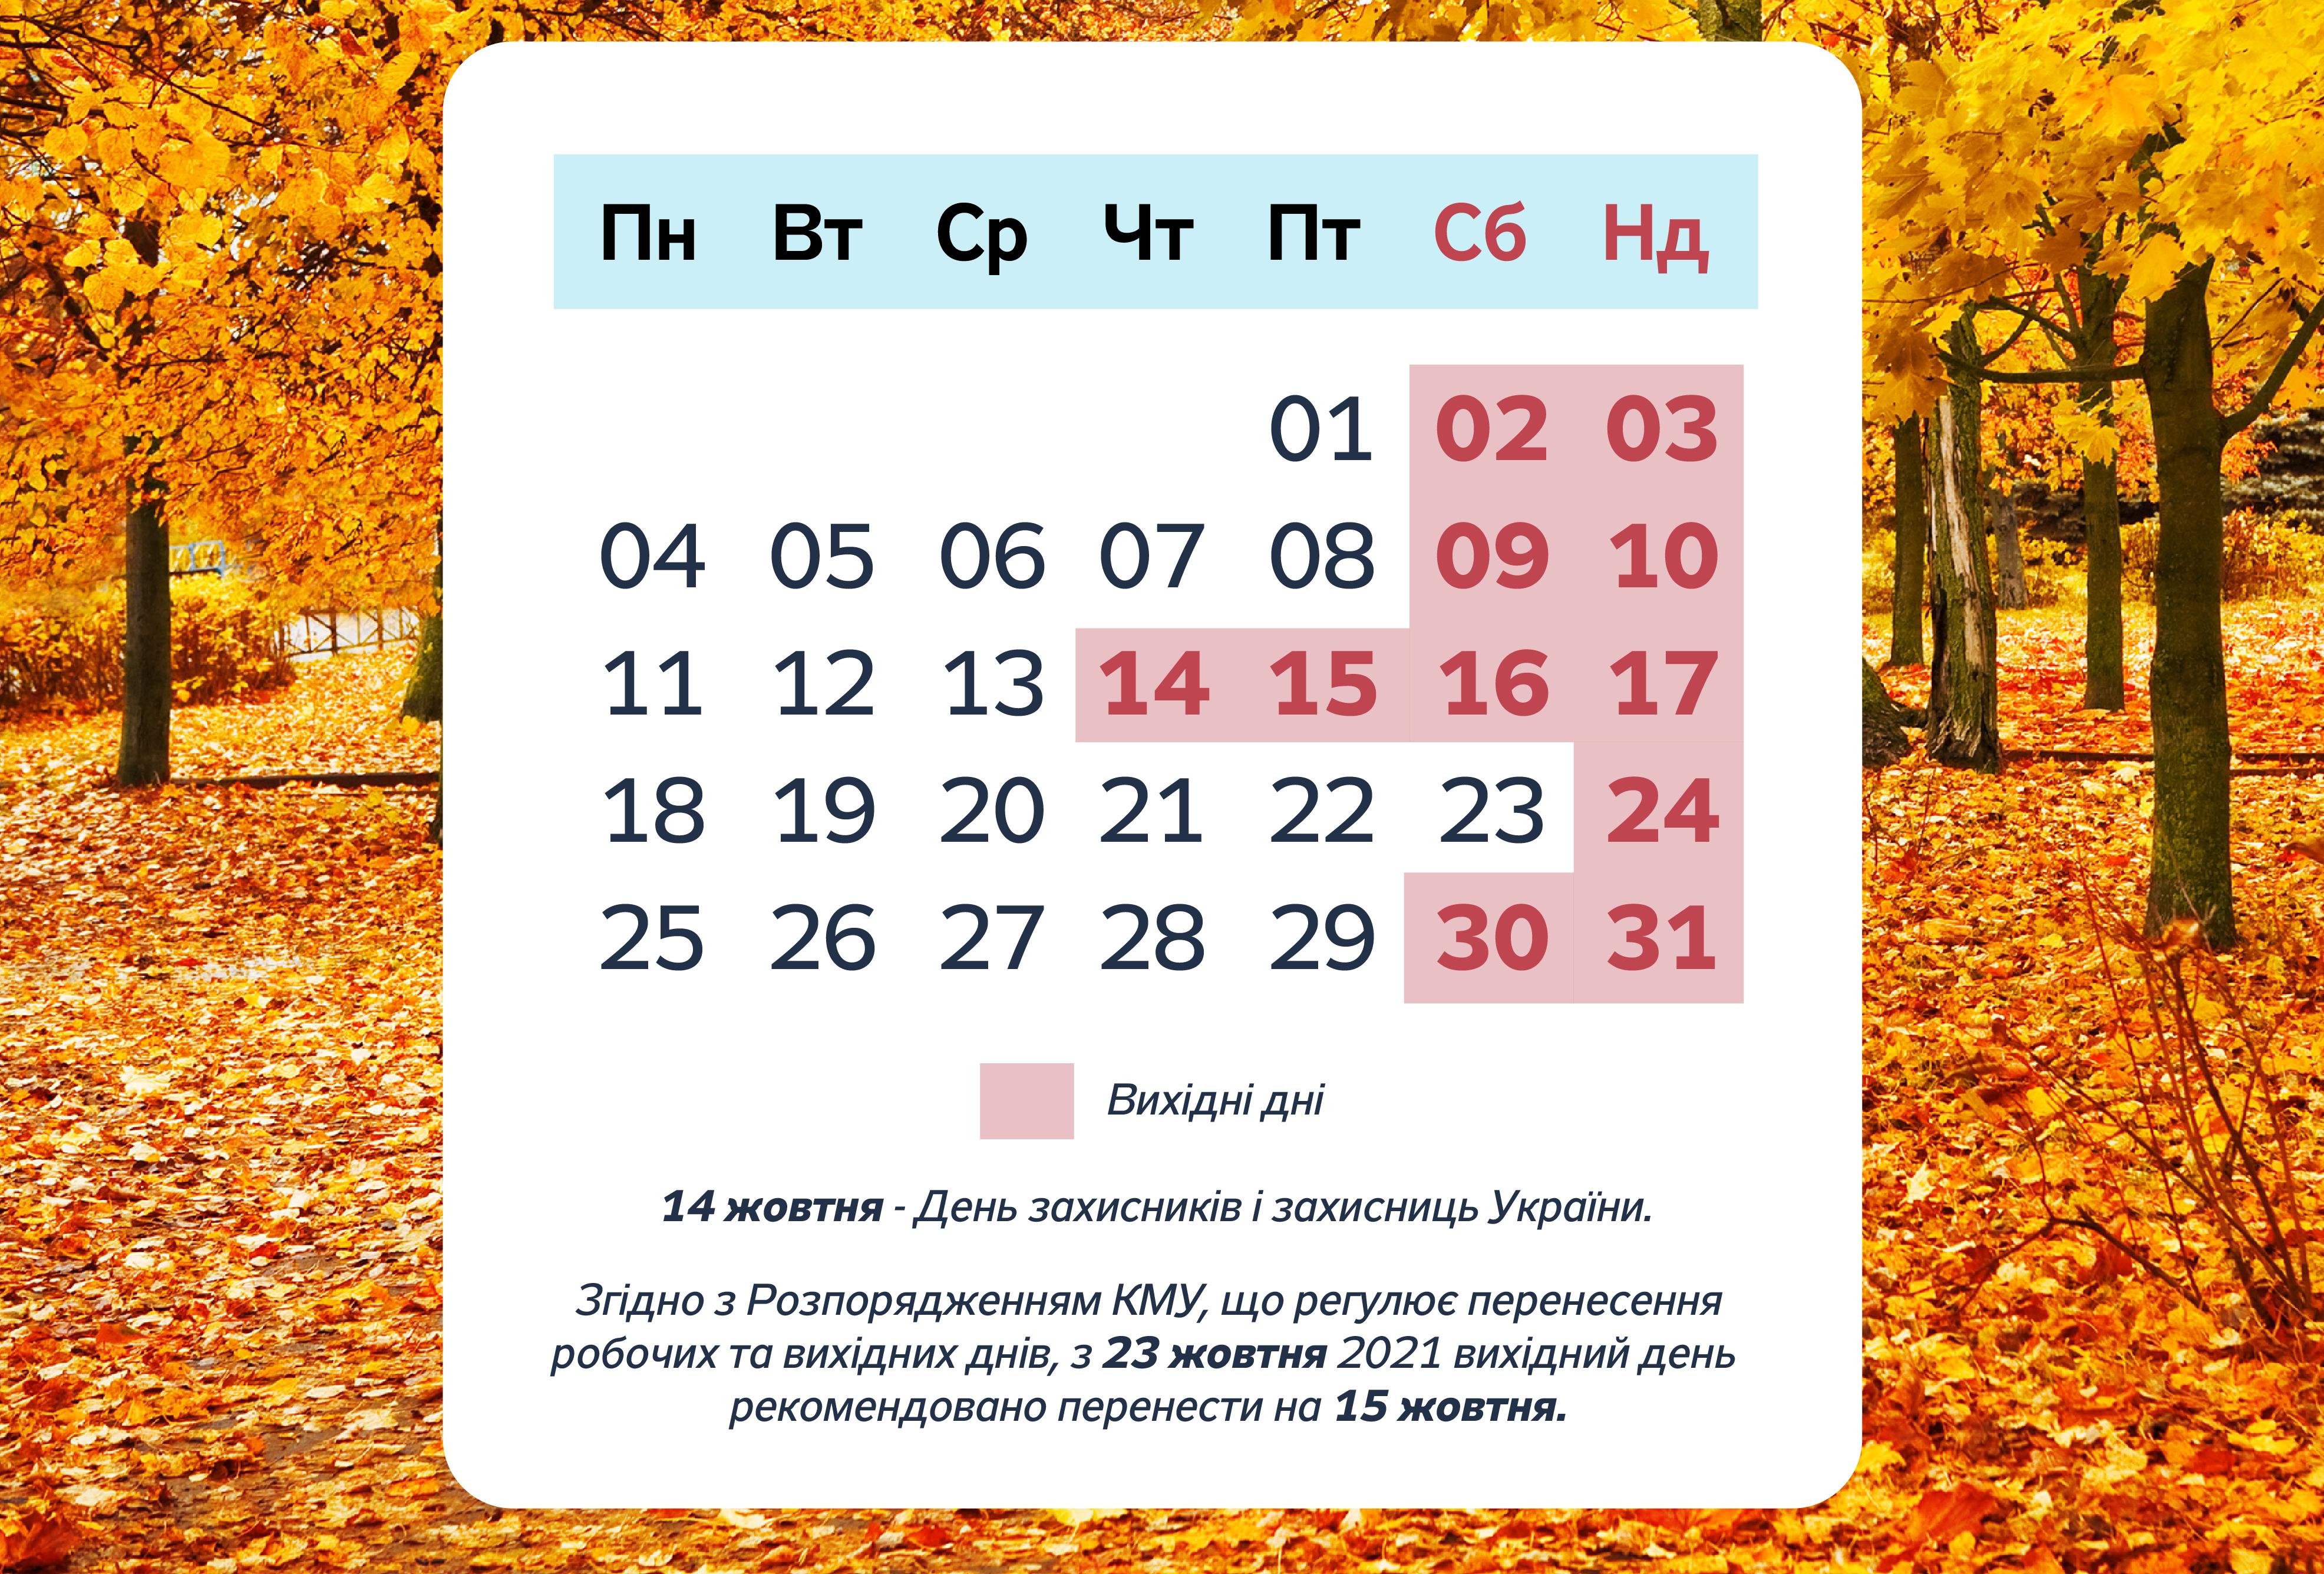 Українців цього тижня очікує чотири вихідні дні